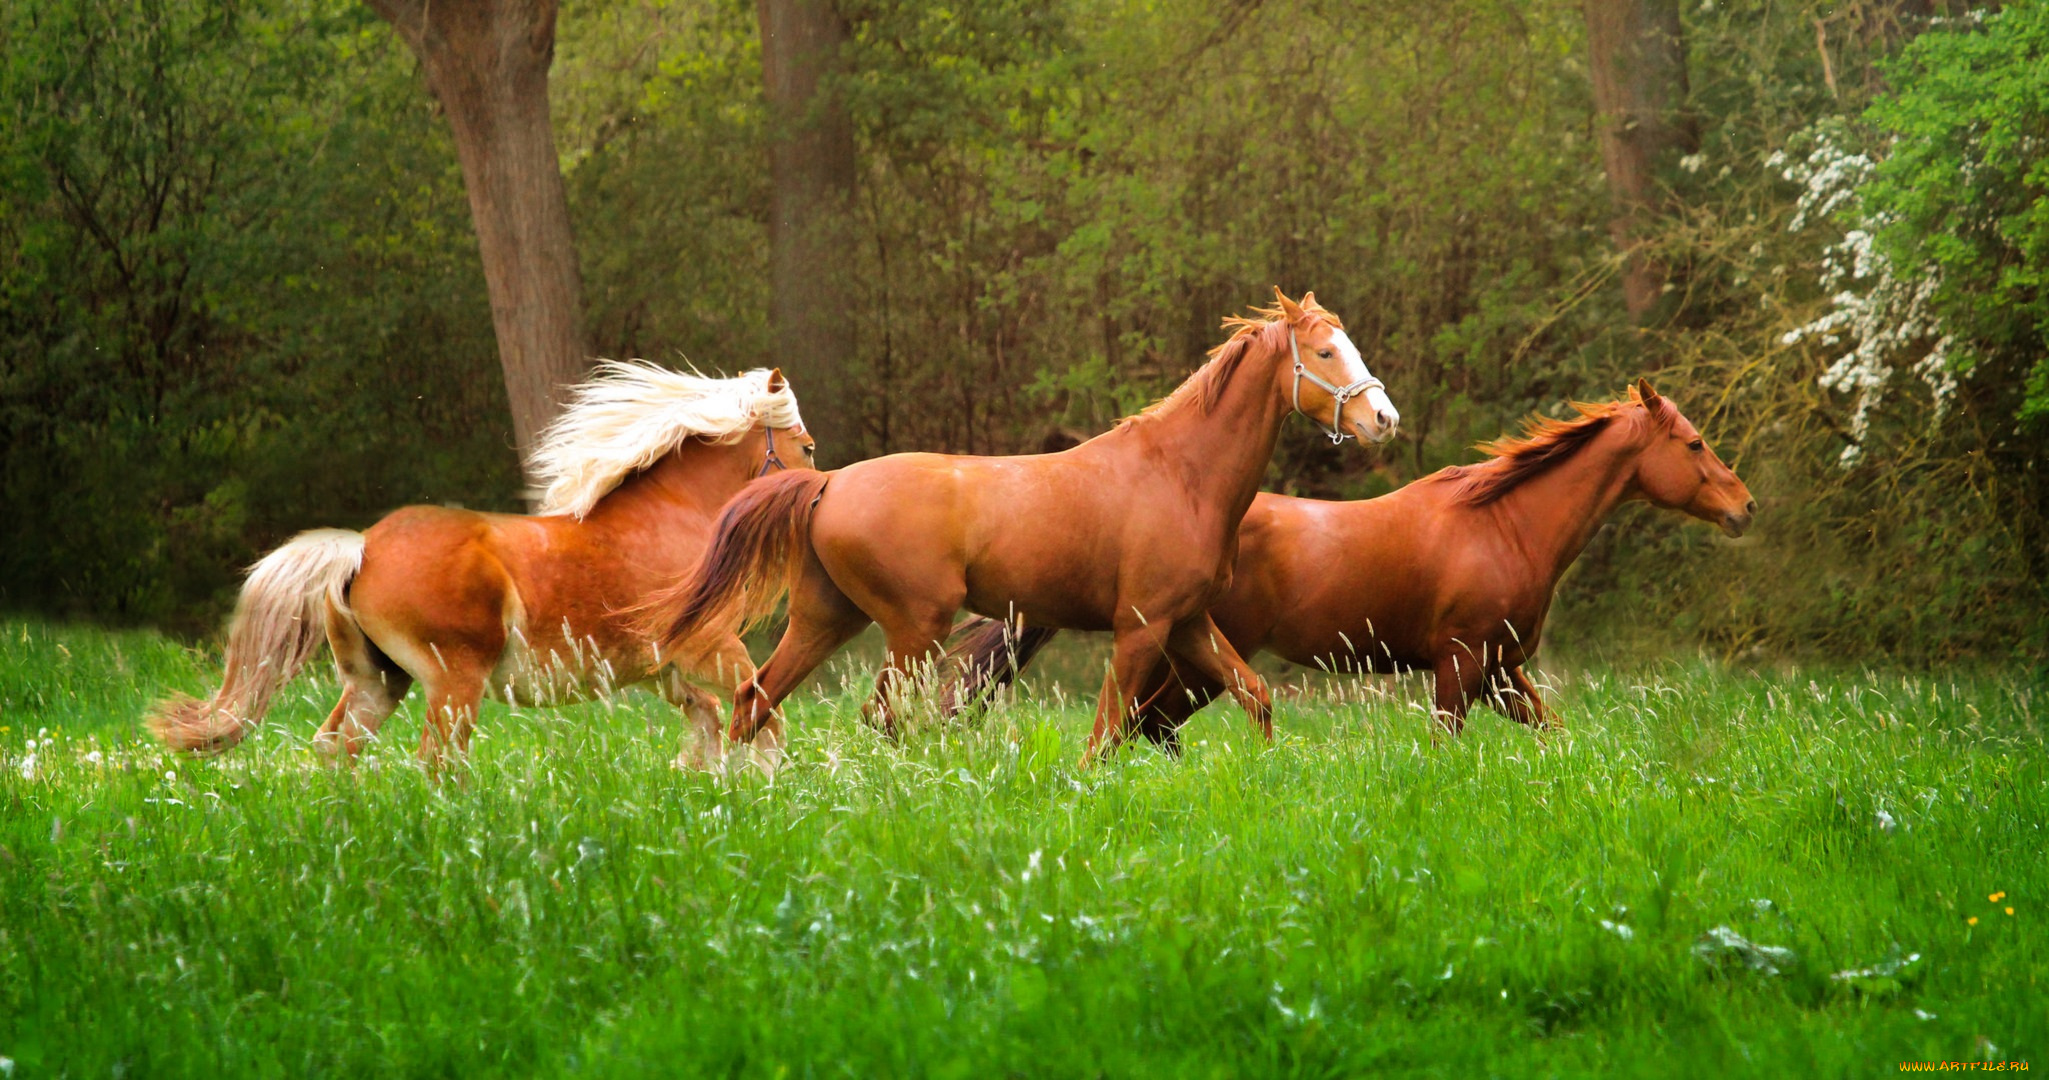 природа животные лошади бесплатно